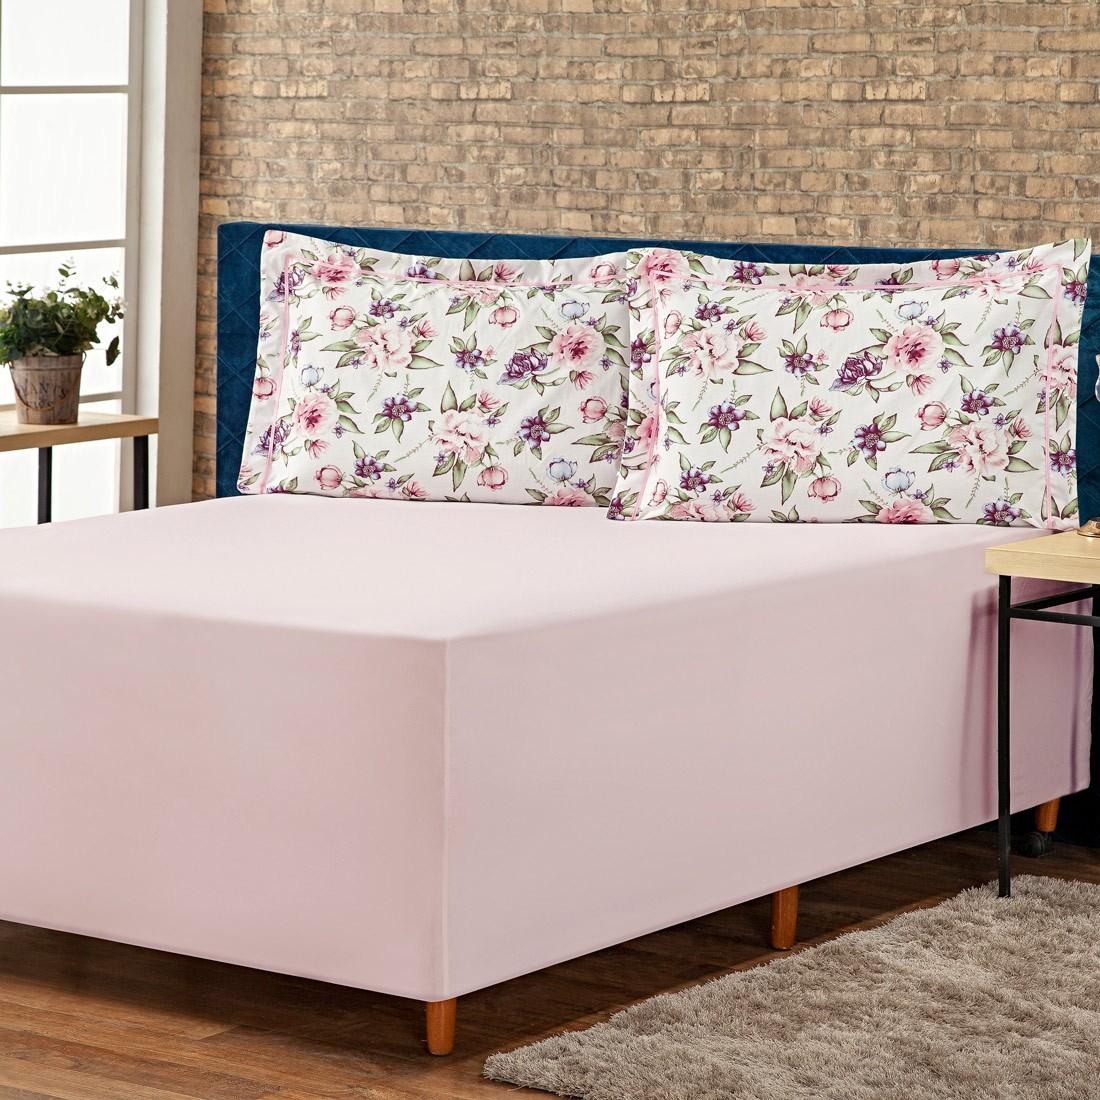 Jogo de Lençol p/ Cama Box Complet Floral Rosa Casal 03 Peças - Percal 140 Fios